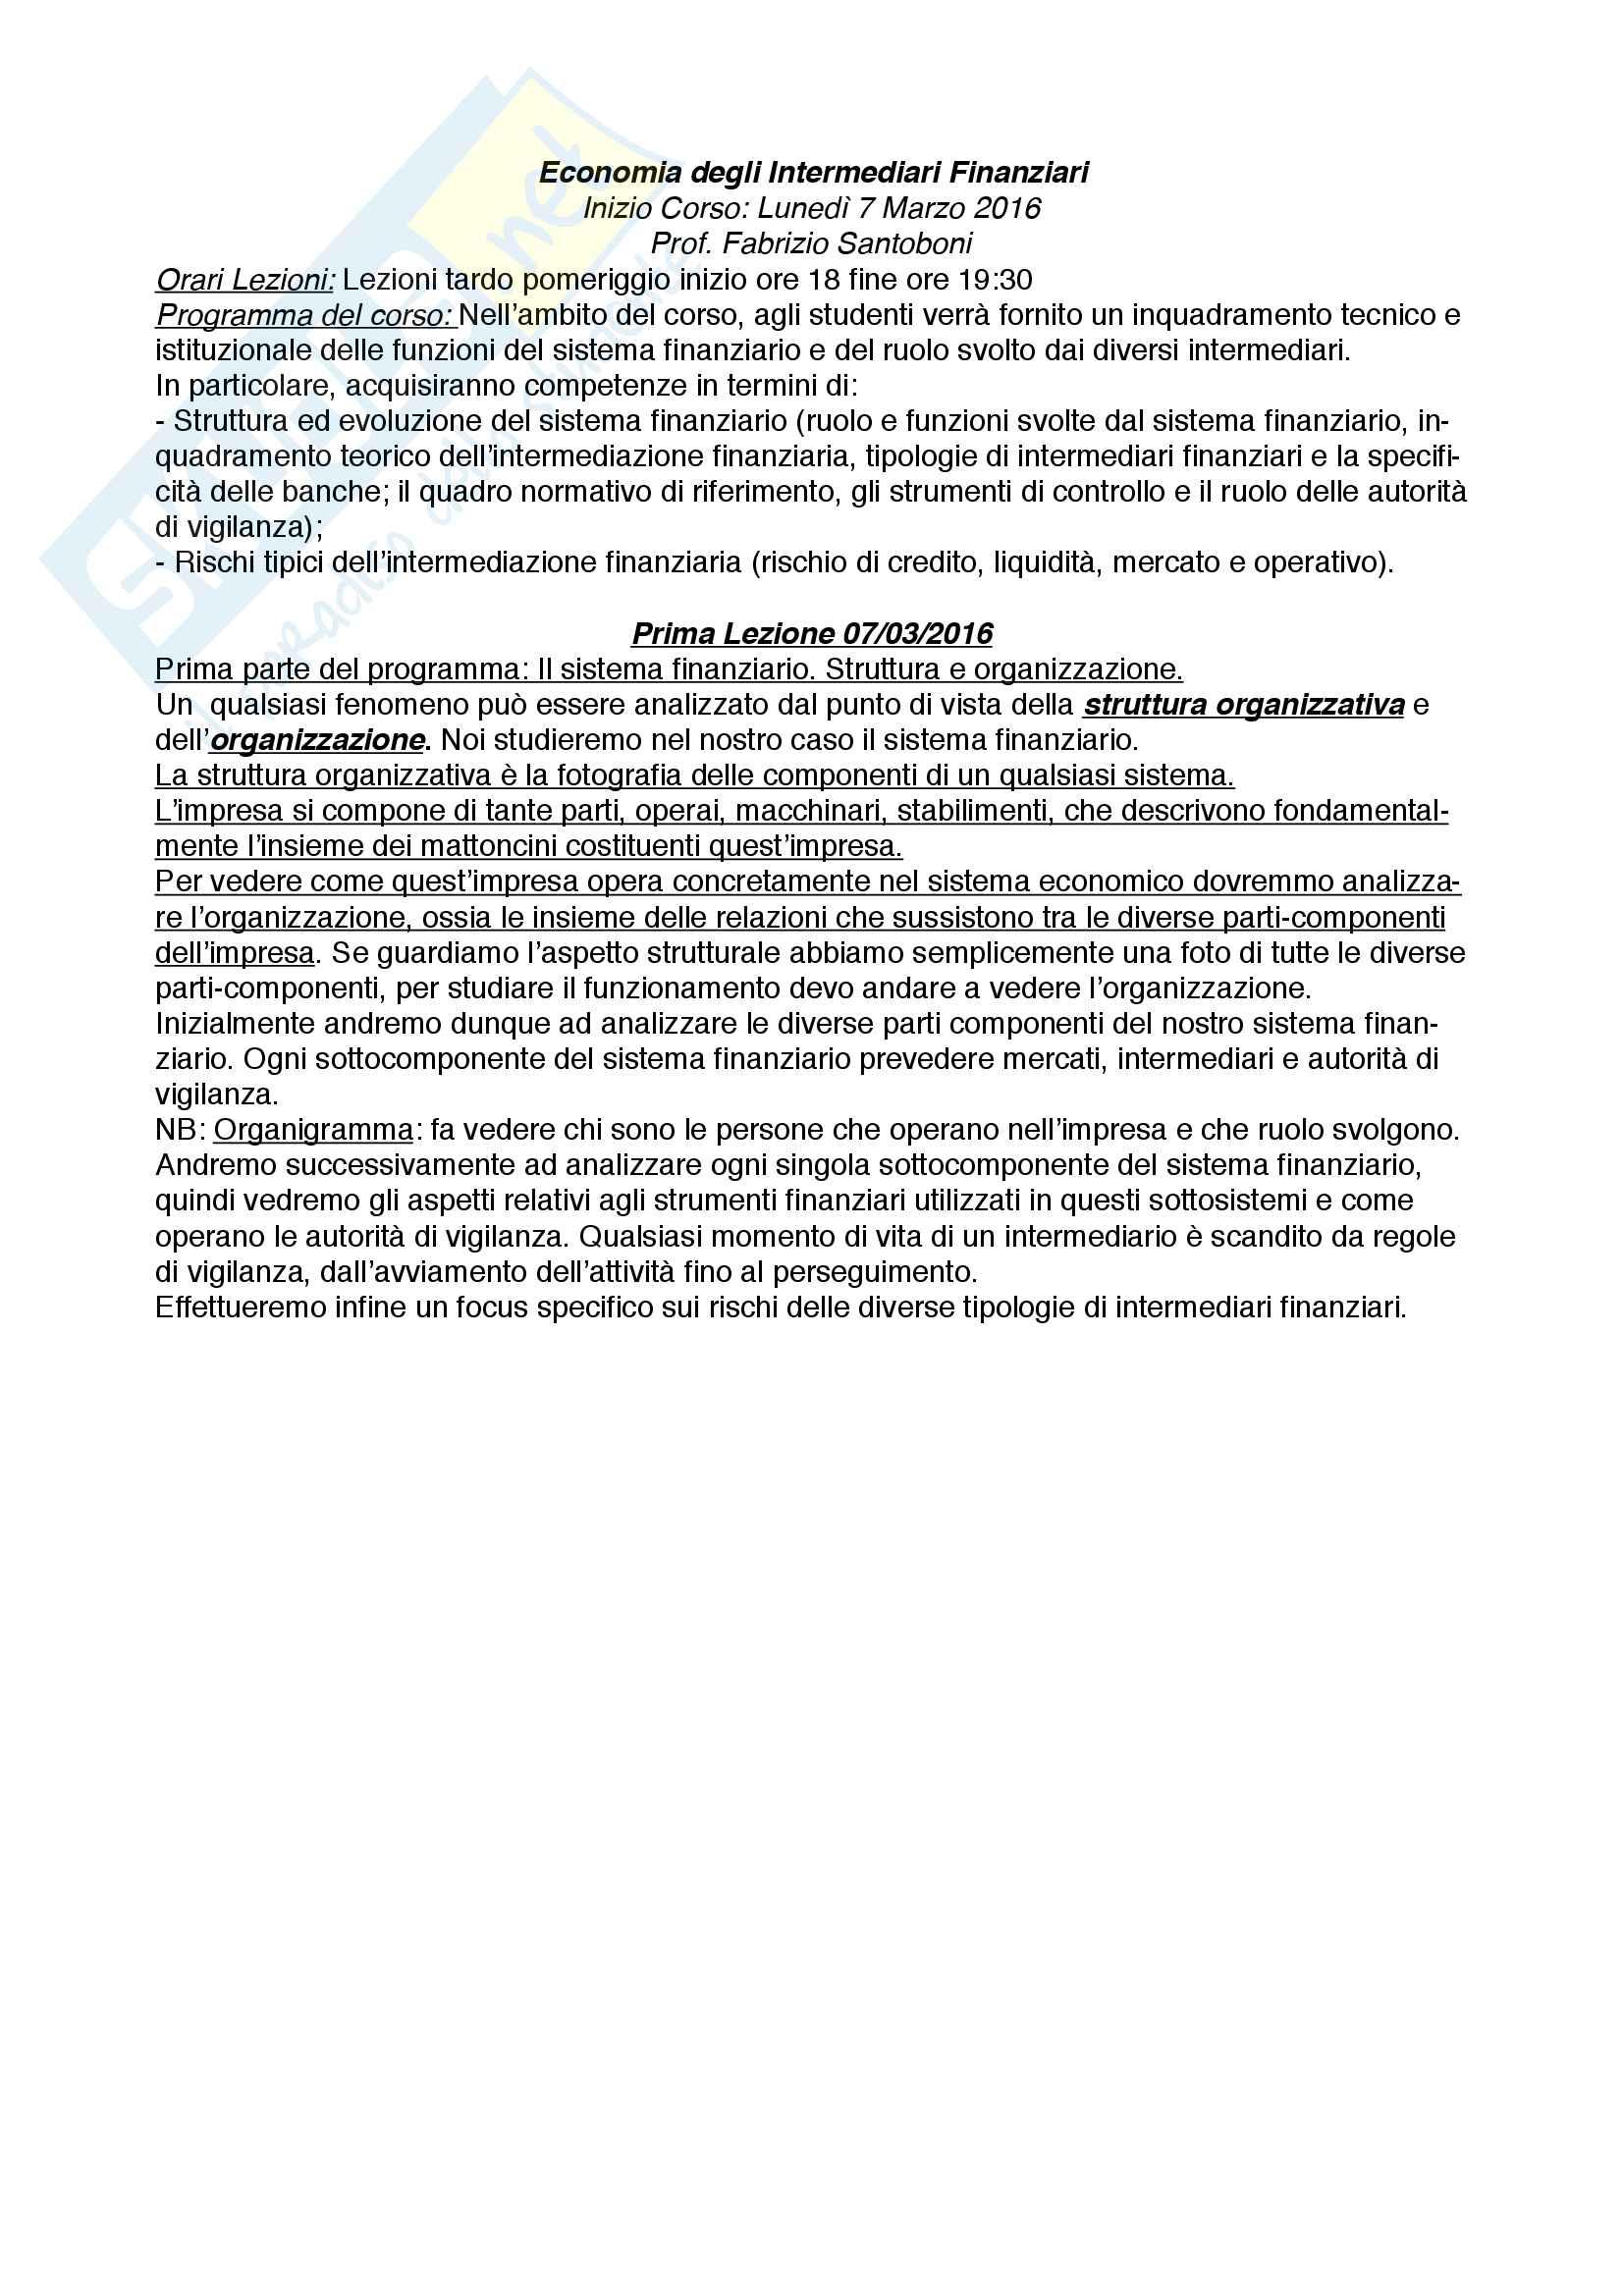 Economia degli intermediari finanziari - Santoboni